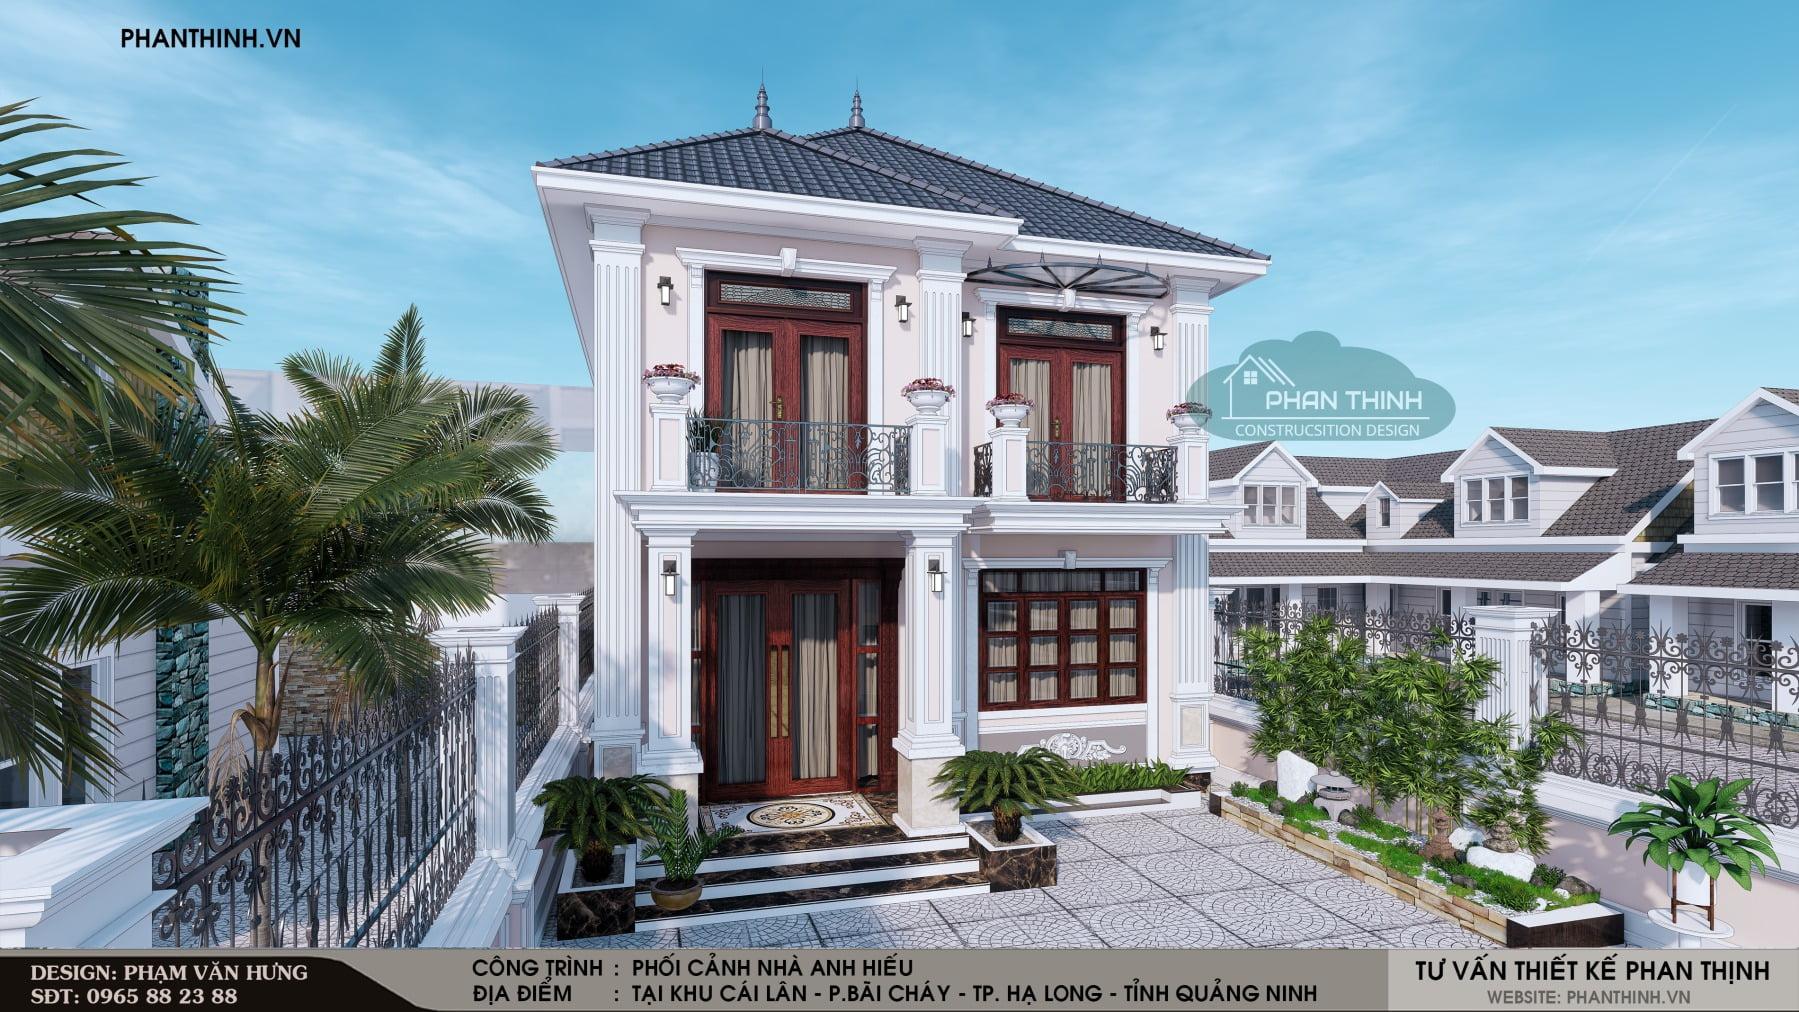 Thiết kế xây dựng biệt thự 2 tầng mái thái tân cổ điển tại Quảng Ninh